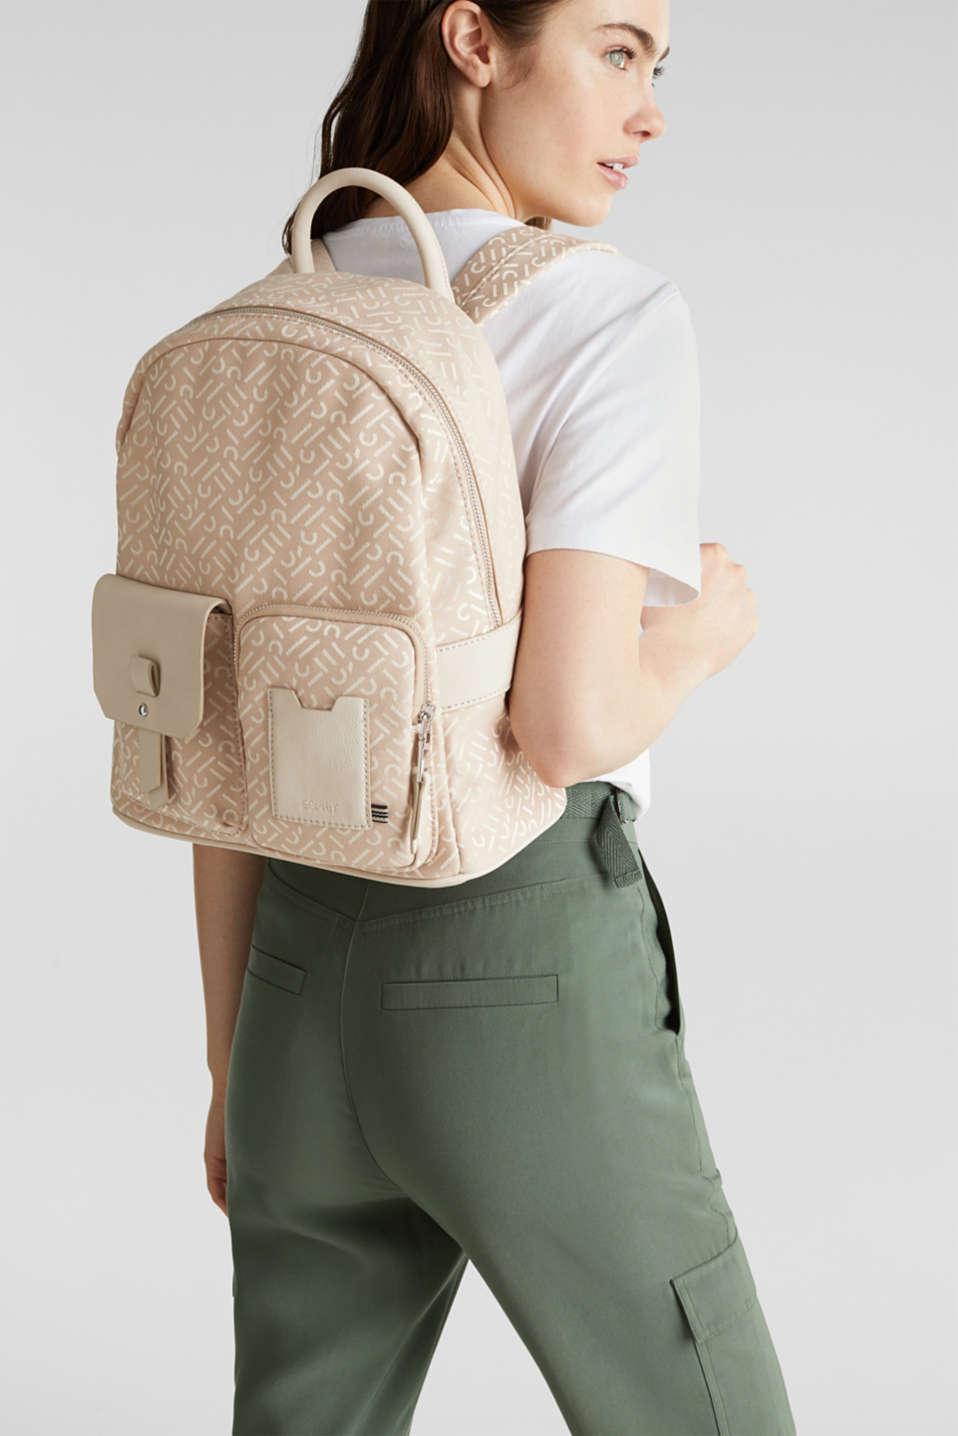 Monogrammed business rucksack, BEIGE, detail image number 1